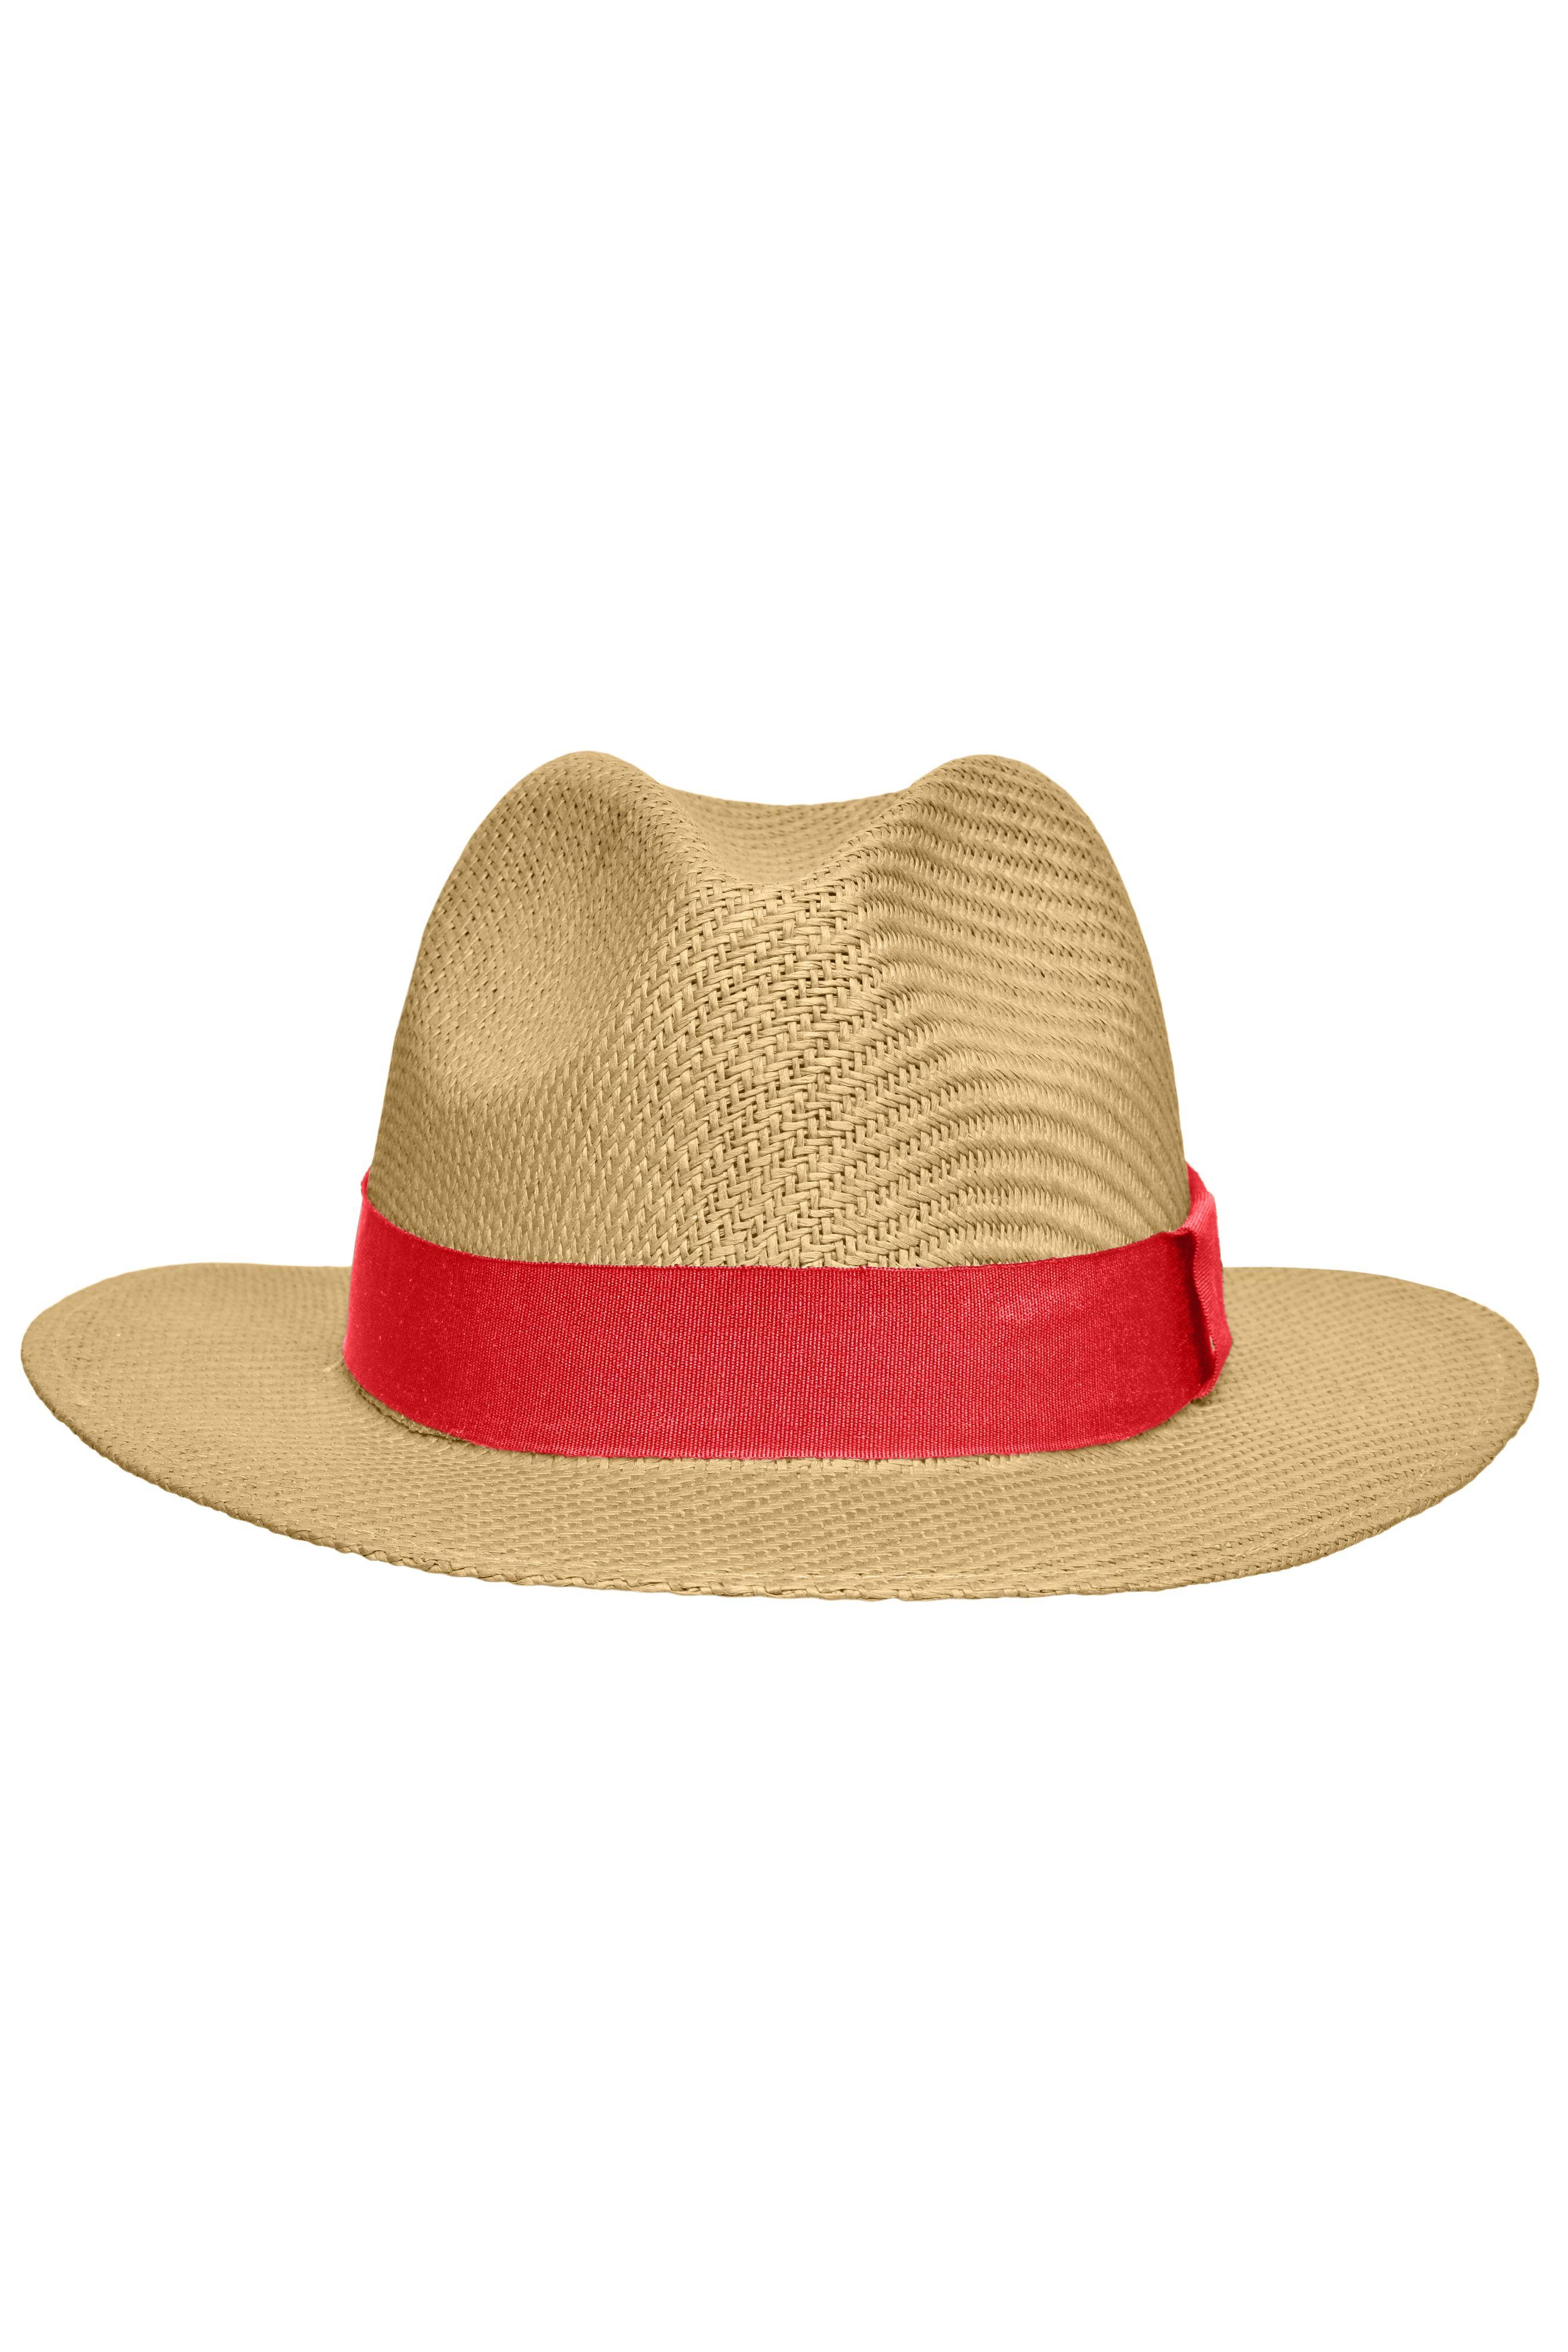 Stilvoller Hut in leichter Sommerqualität